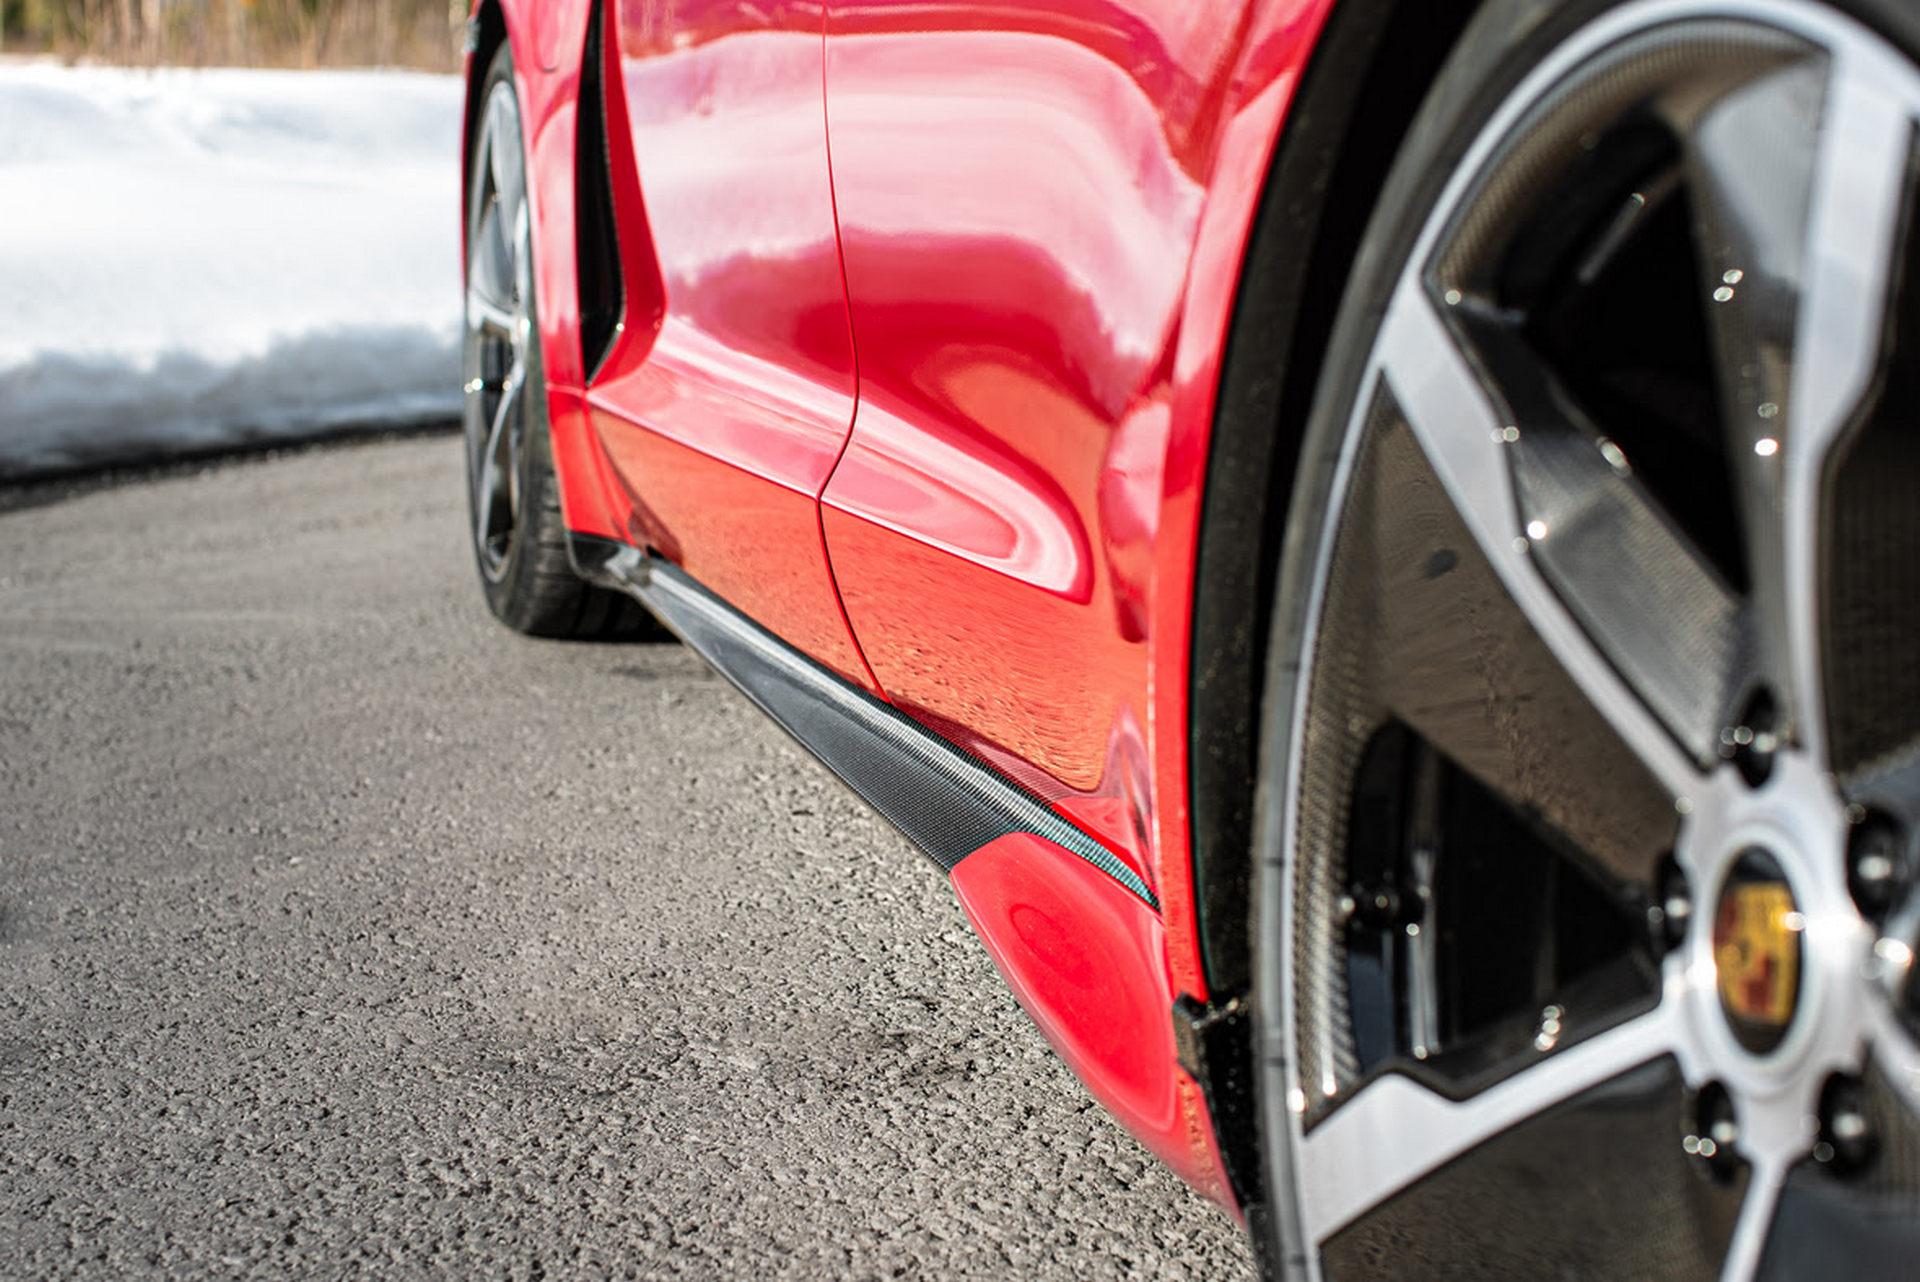 Porsche-Taycan-by-Zyrus-Engineering-9